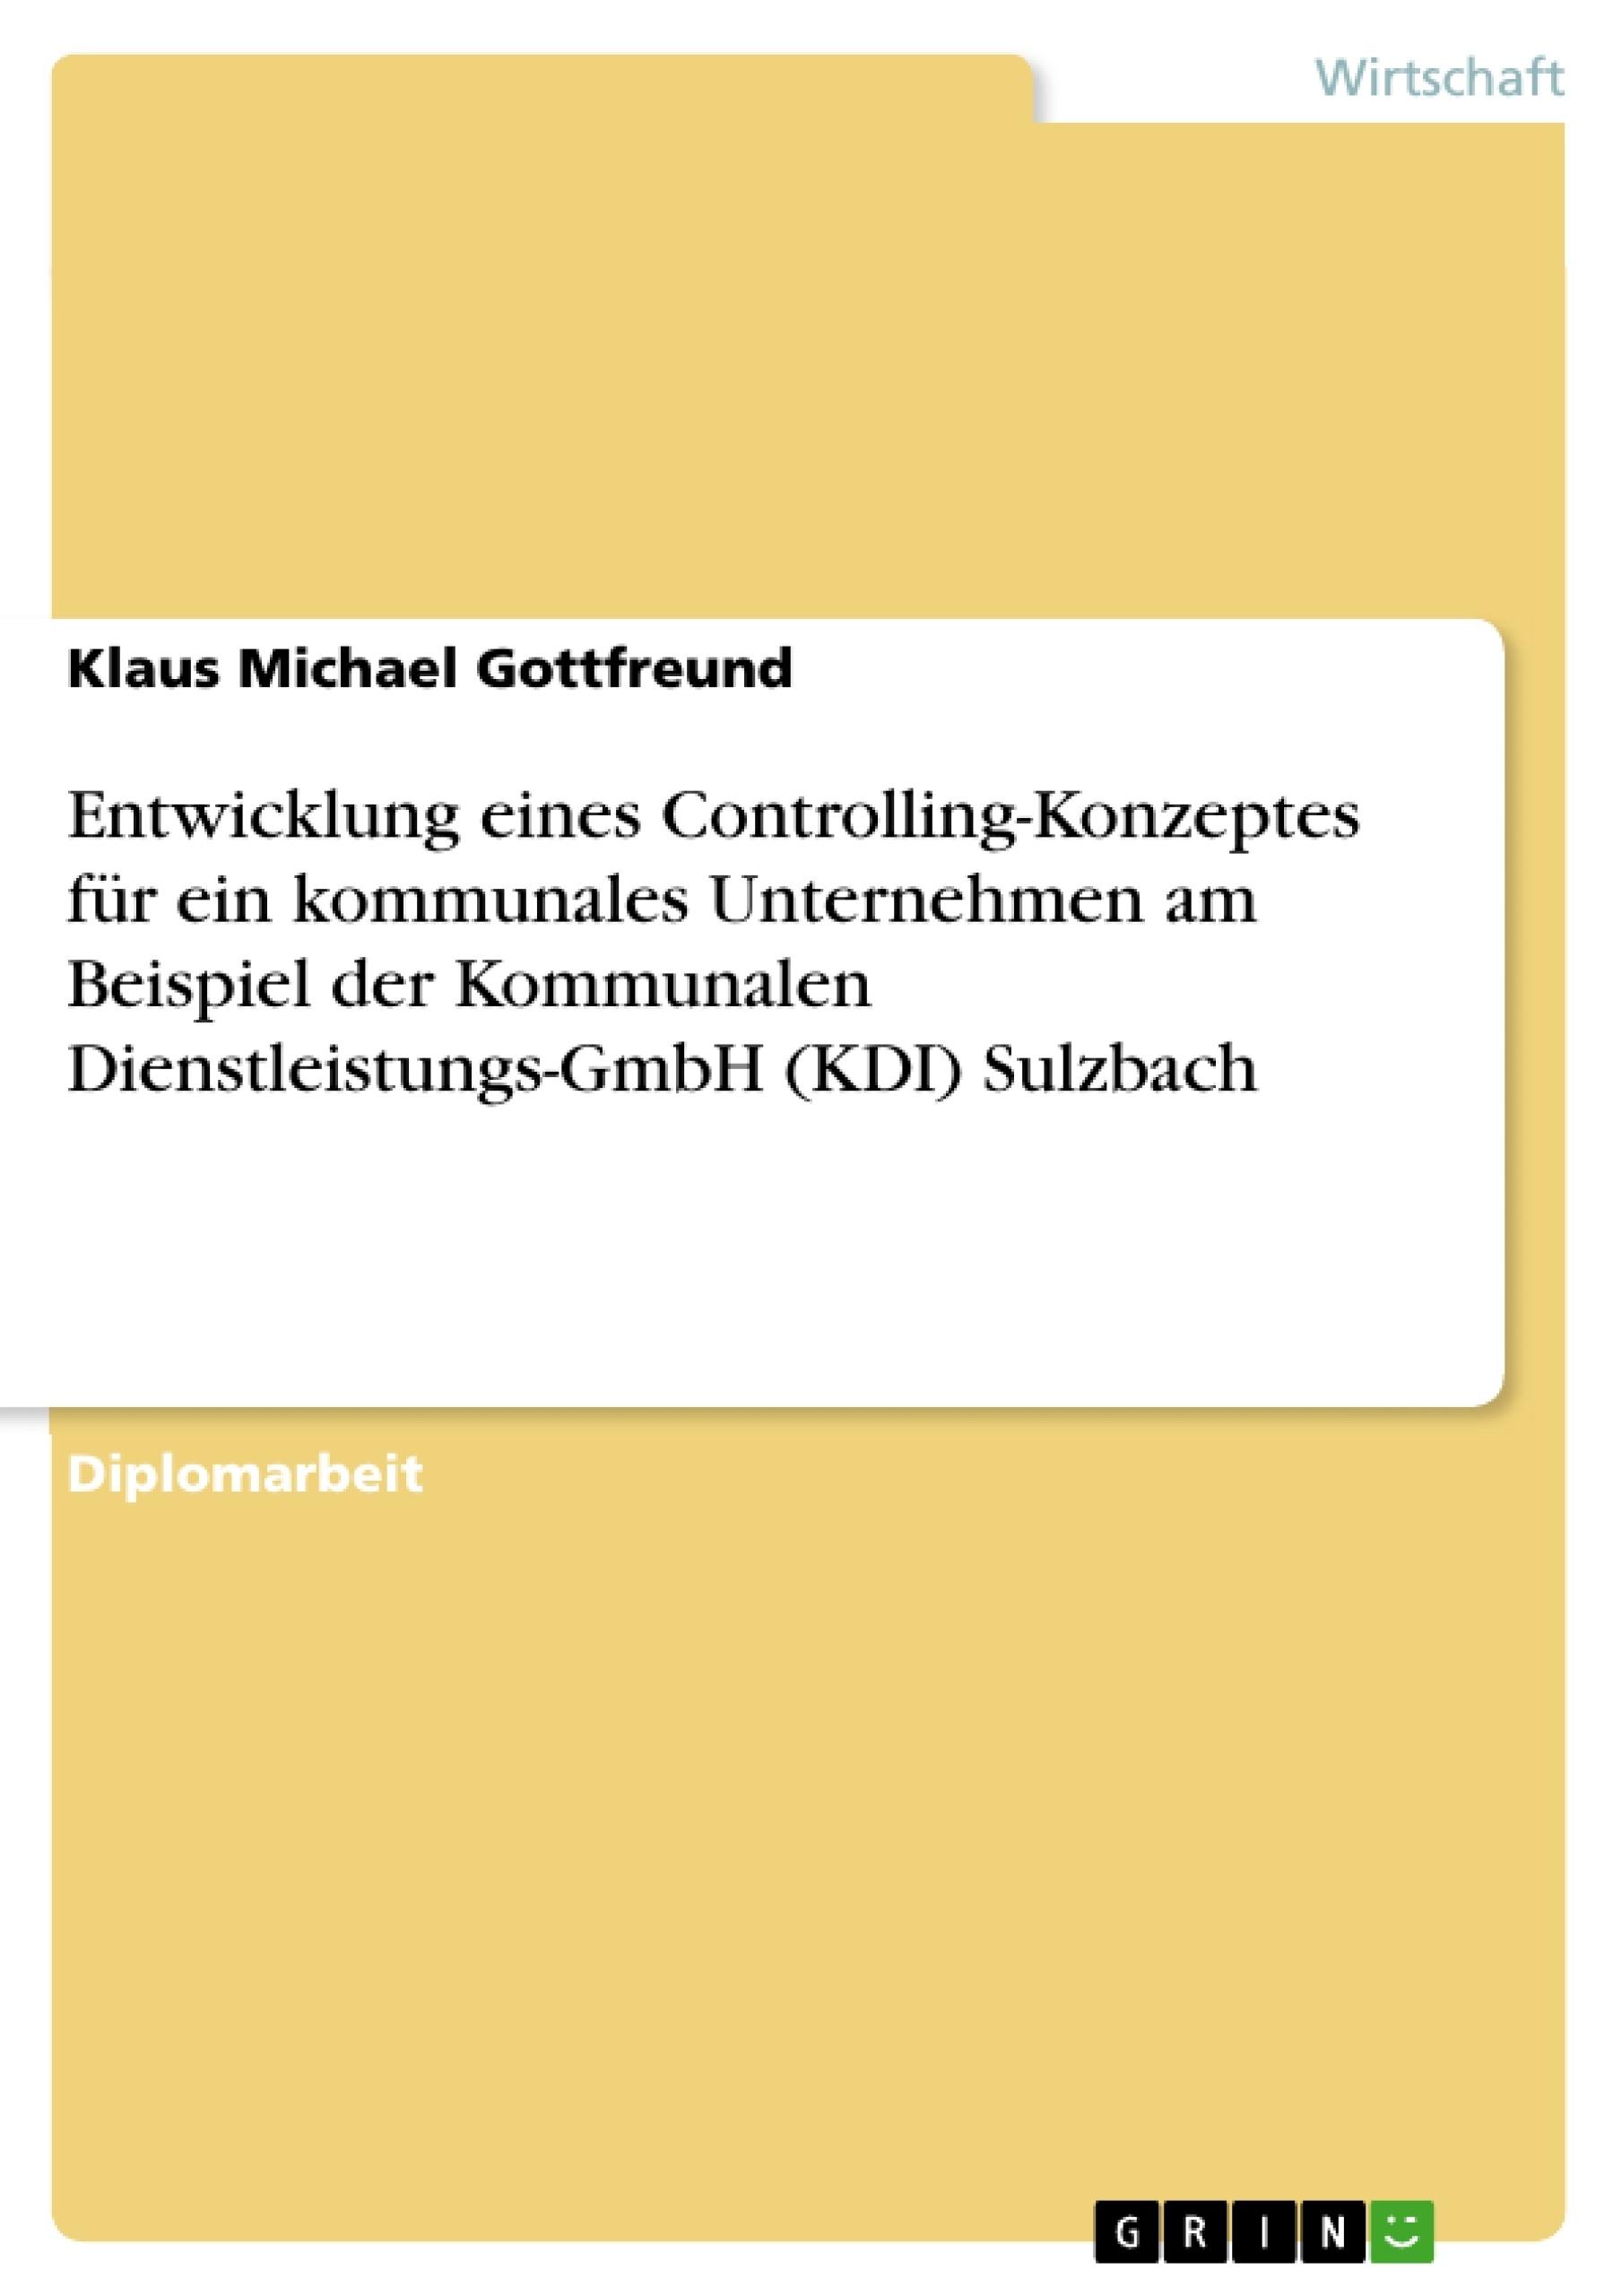 Titel: Entwicklung eines Controlling-Konzeptes für ein kommunales Unternehmen am Beispiel der Kommunalen Dienstleistungs-GmbH (KDI) Sulzbach